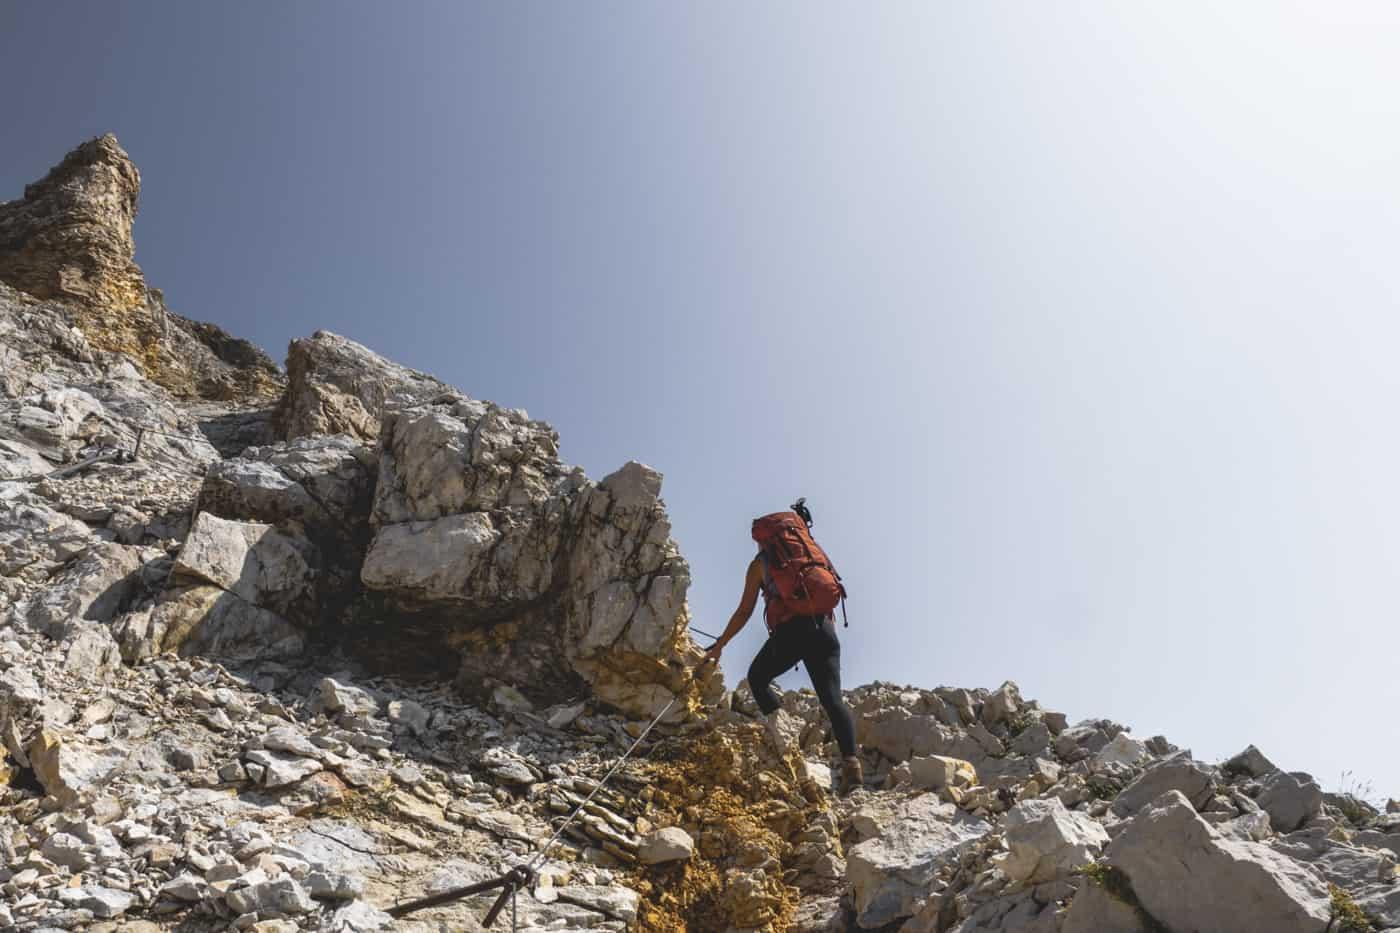 Lermoos - die schönsten Wanderungen & Ausflugsziele in der Zugspitz Region #6 - Zugspitz Tour von Ehrwald